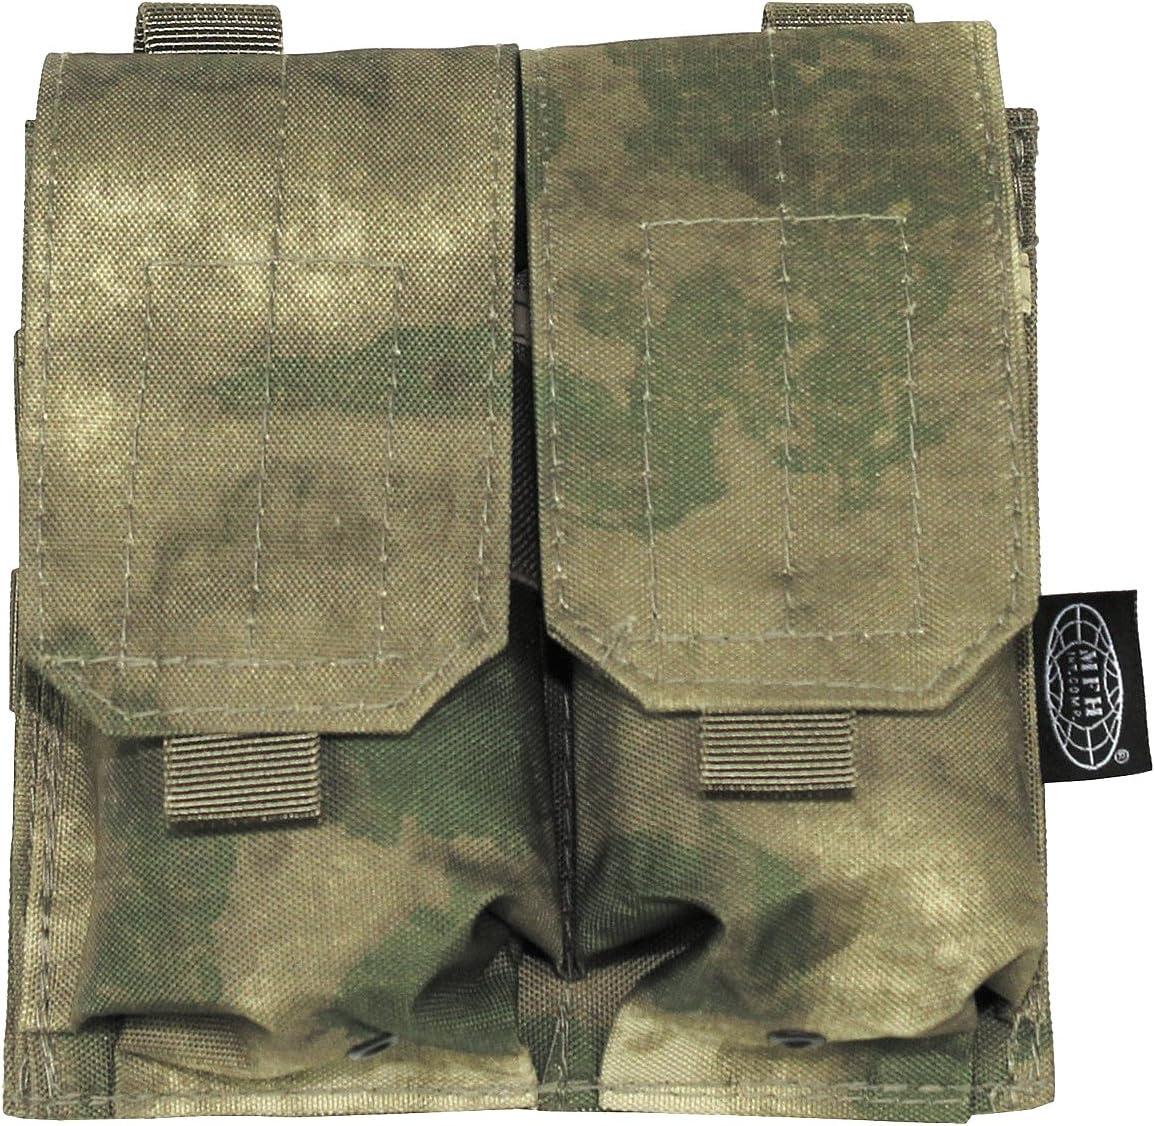 MFH Molle doble sistema modular, UBW, 16 x 16 cm Funda para cargadores varios colores